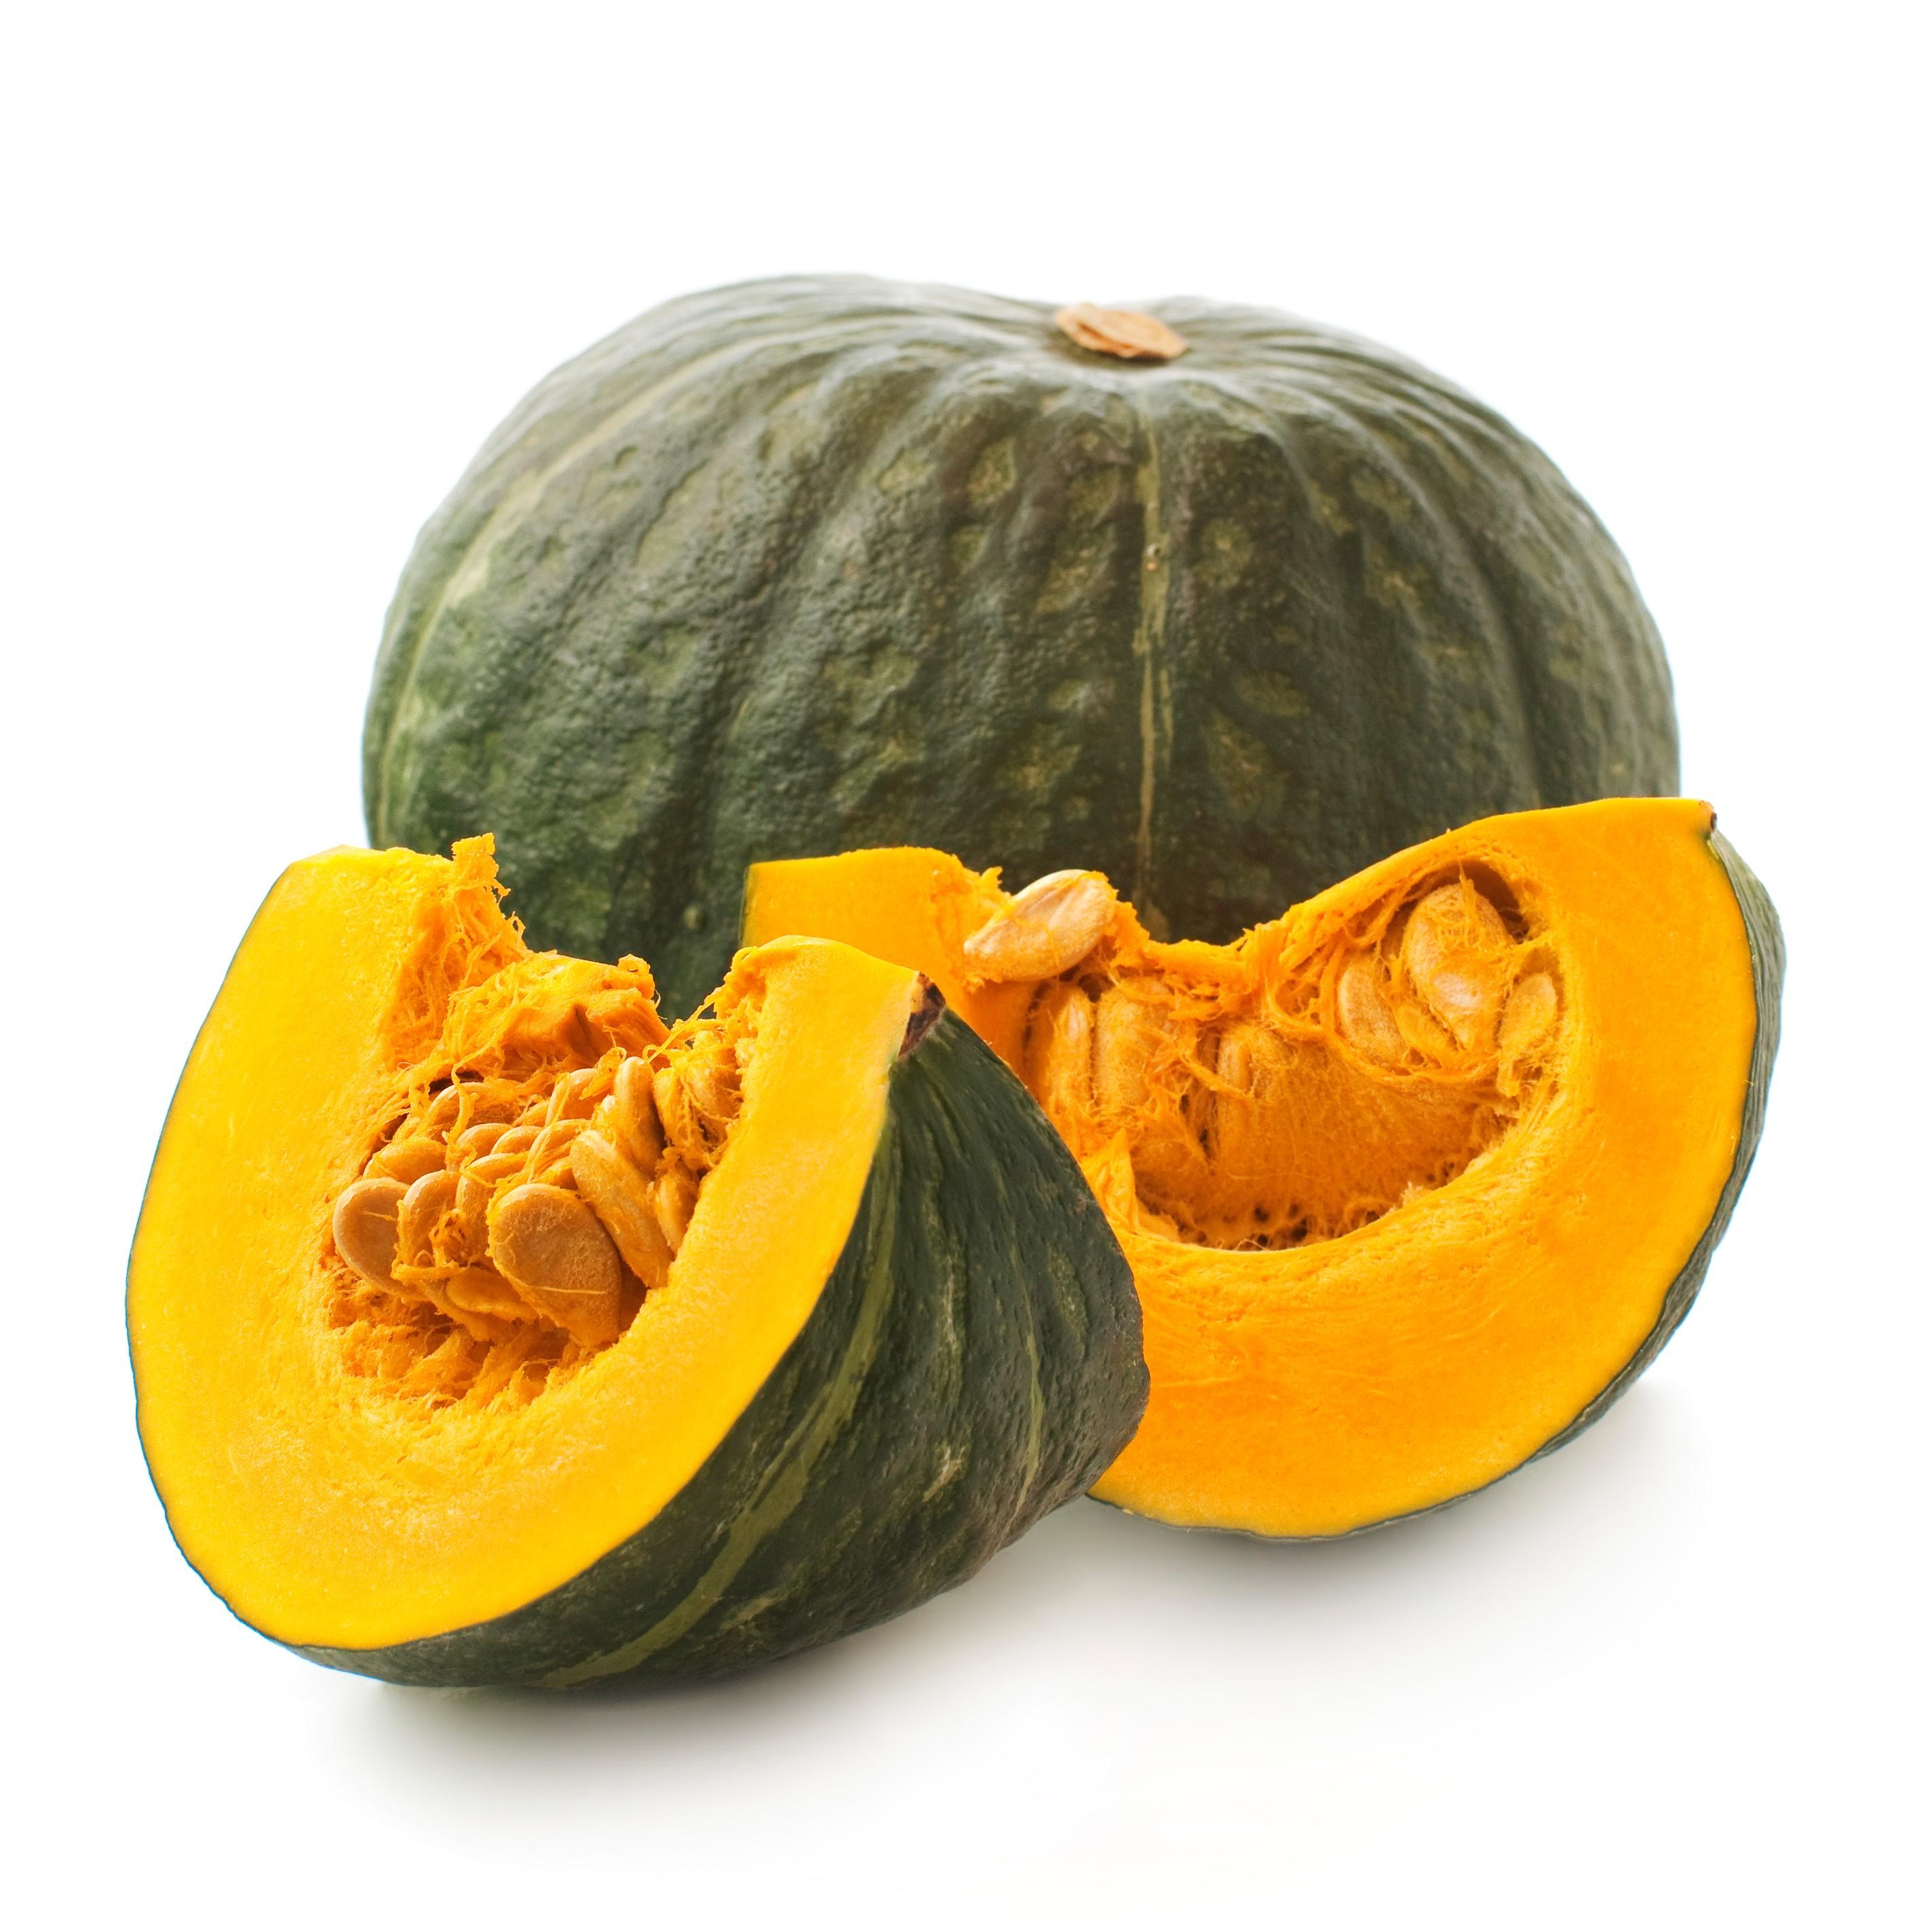 βカロテンやビタミンが多く含まれており、さらに鉄分、カルシウム、カリウムなどもバランスよく含まれているのが特徴です。免疫力を高めたらり、お肌や被毛の健康にも効果が期待できます。また、食物繊維も豊富で、お腹や便通の調子を整える効果もあります。